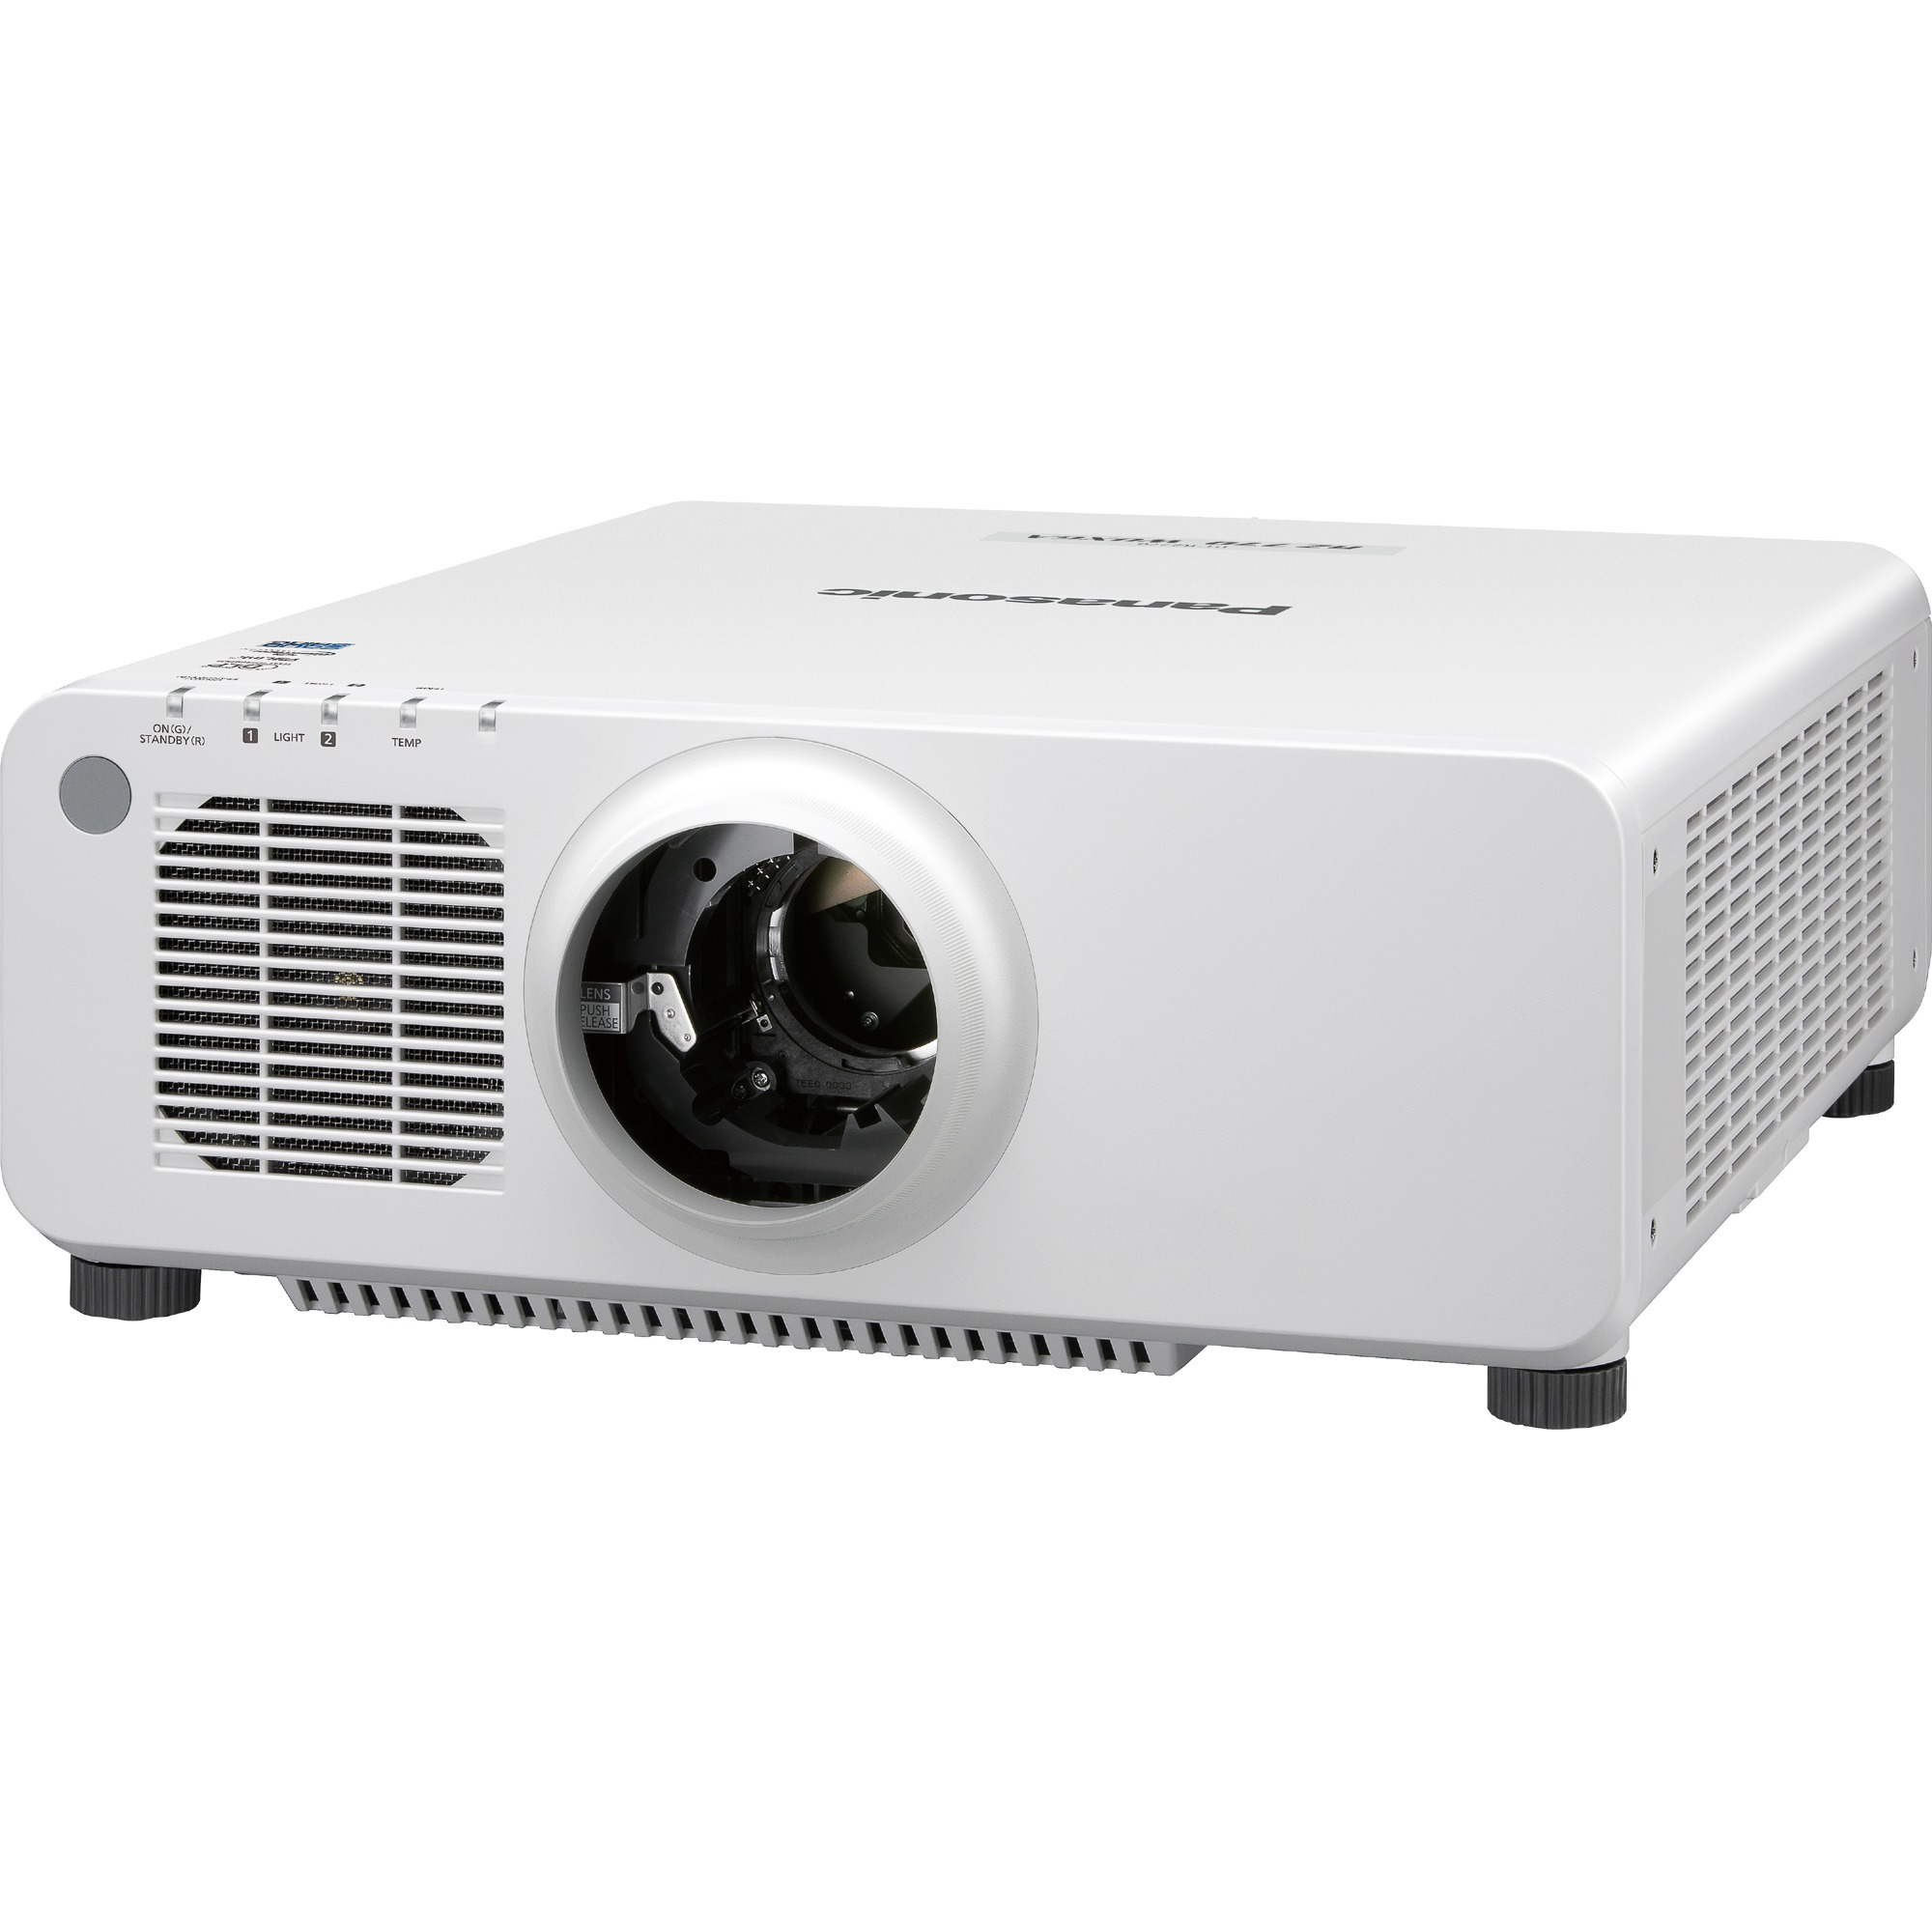 Panasonic SOLID SHINE PT-RZ770L DLP Projector - 16:10 - White_subImage_1